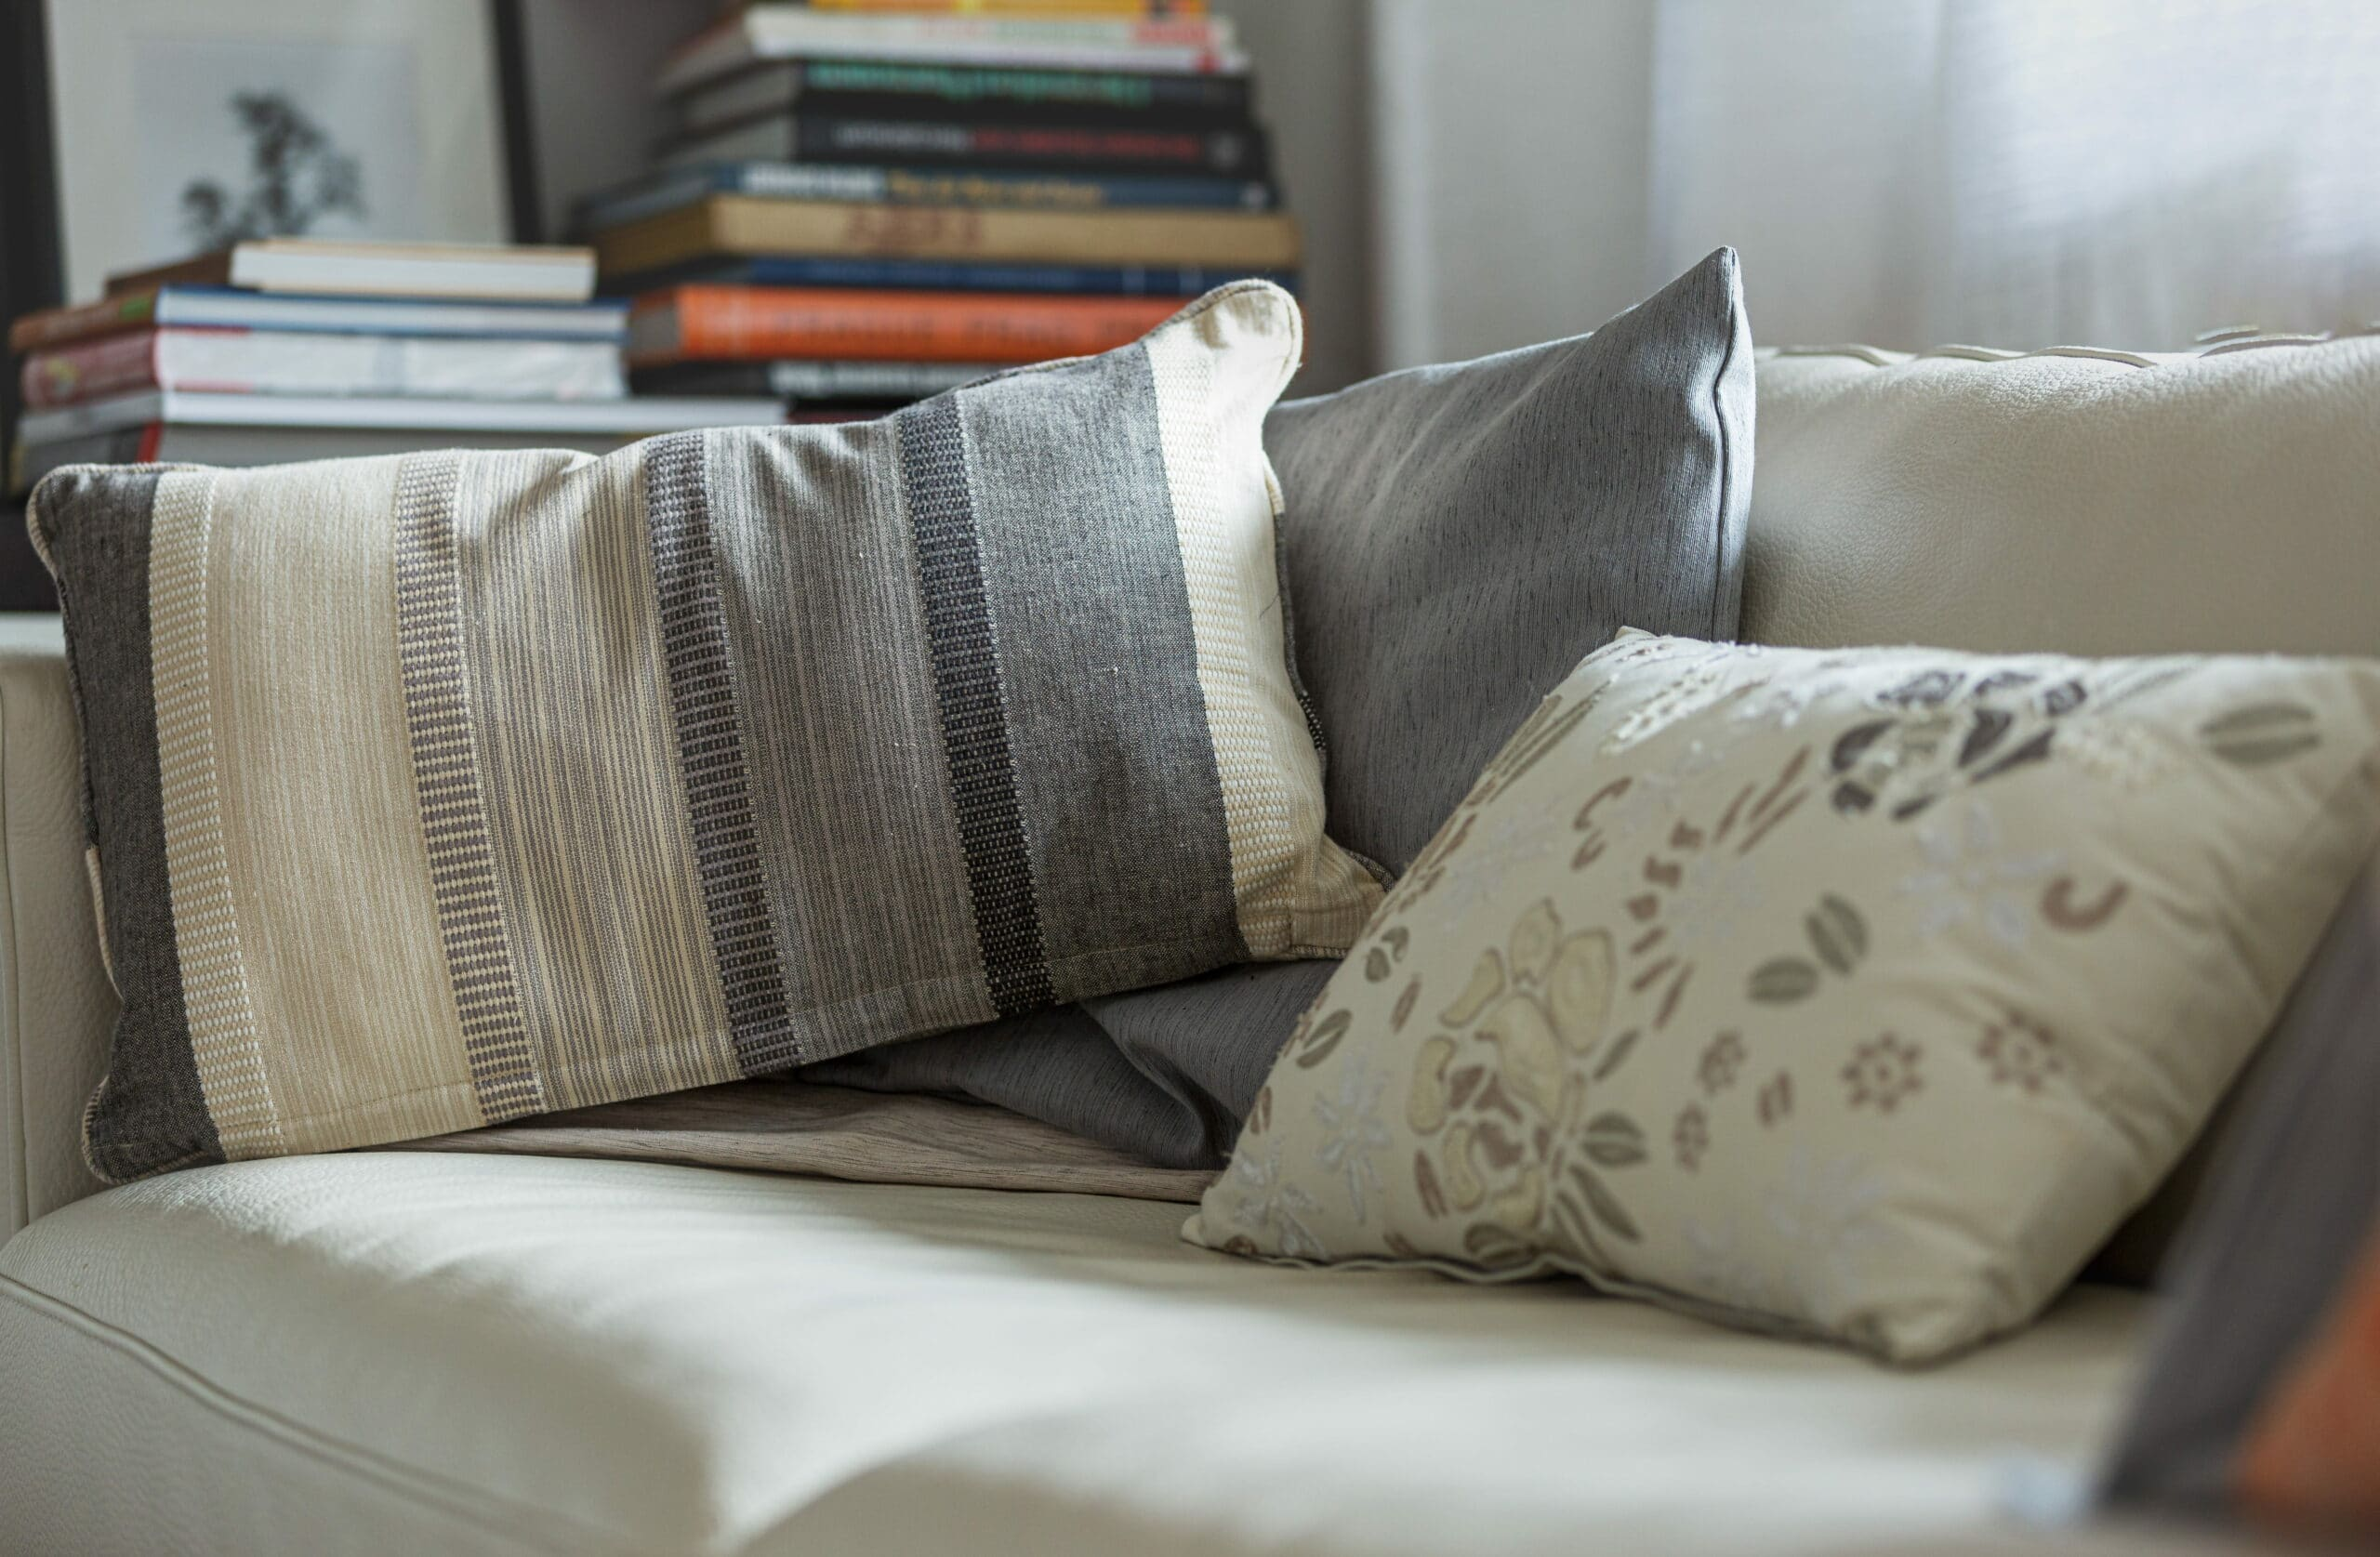 Livros, travesseiro. Limpar sofá centro Suzano.